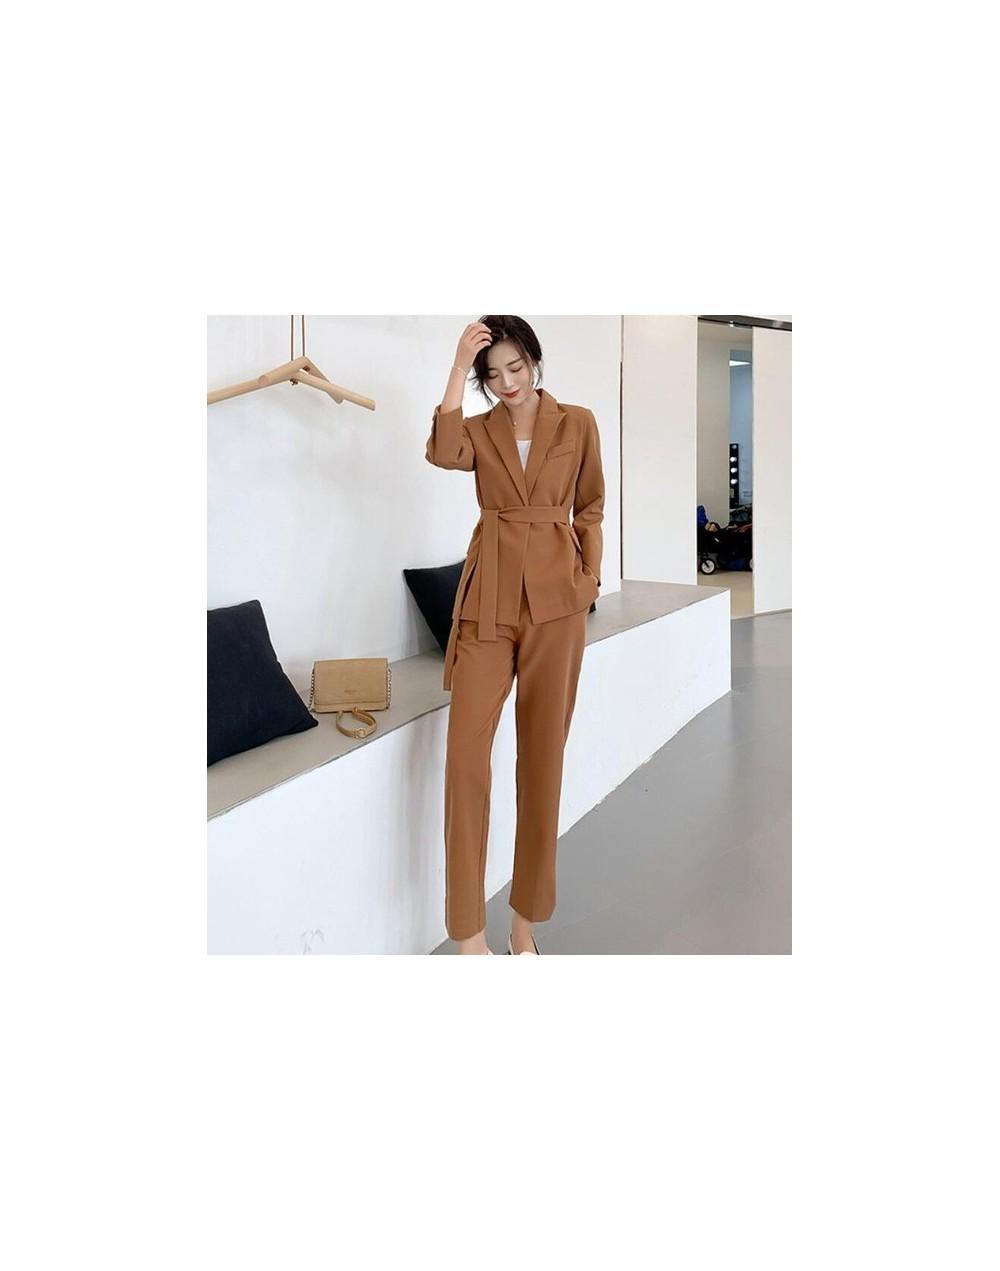 Woman Costume Pant Suit 2 Piece Office Trousers Set Suits the Feminine Khaki Blazer Jacket +Long Pant Suit Woman - Khaki - 5...